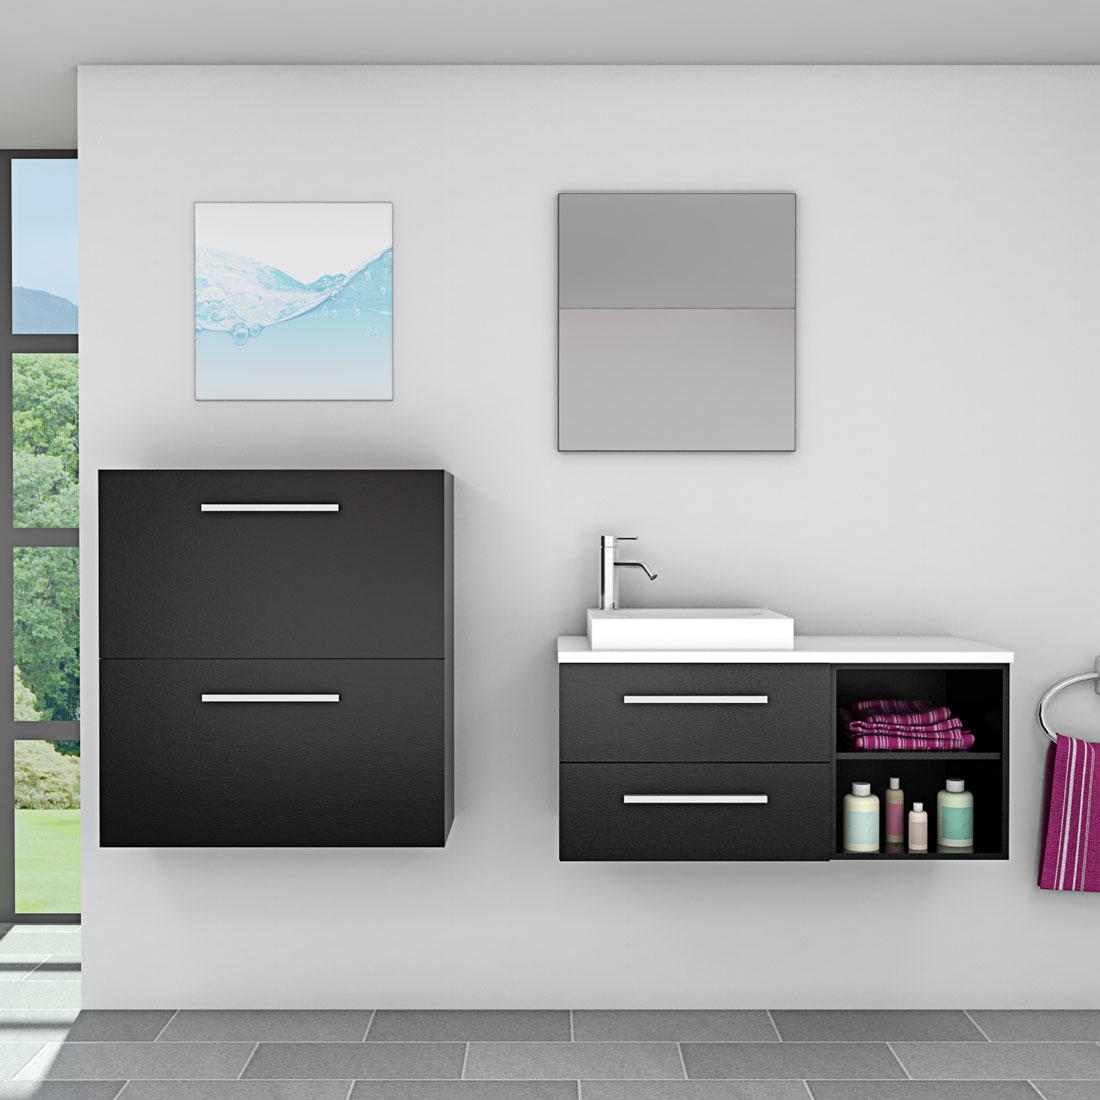 Badmöbel Set City 204 V6 Esche schwarz, Badezimmermöbel, Waschtisch